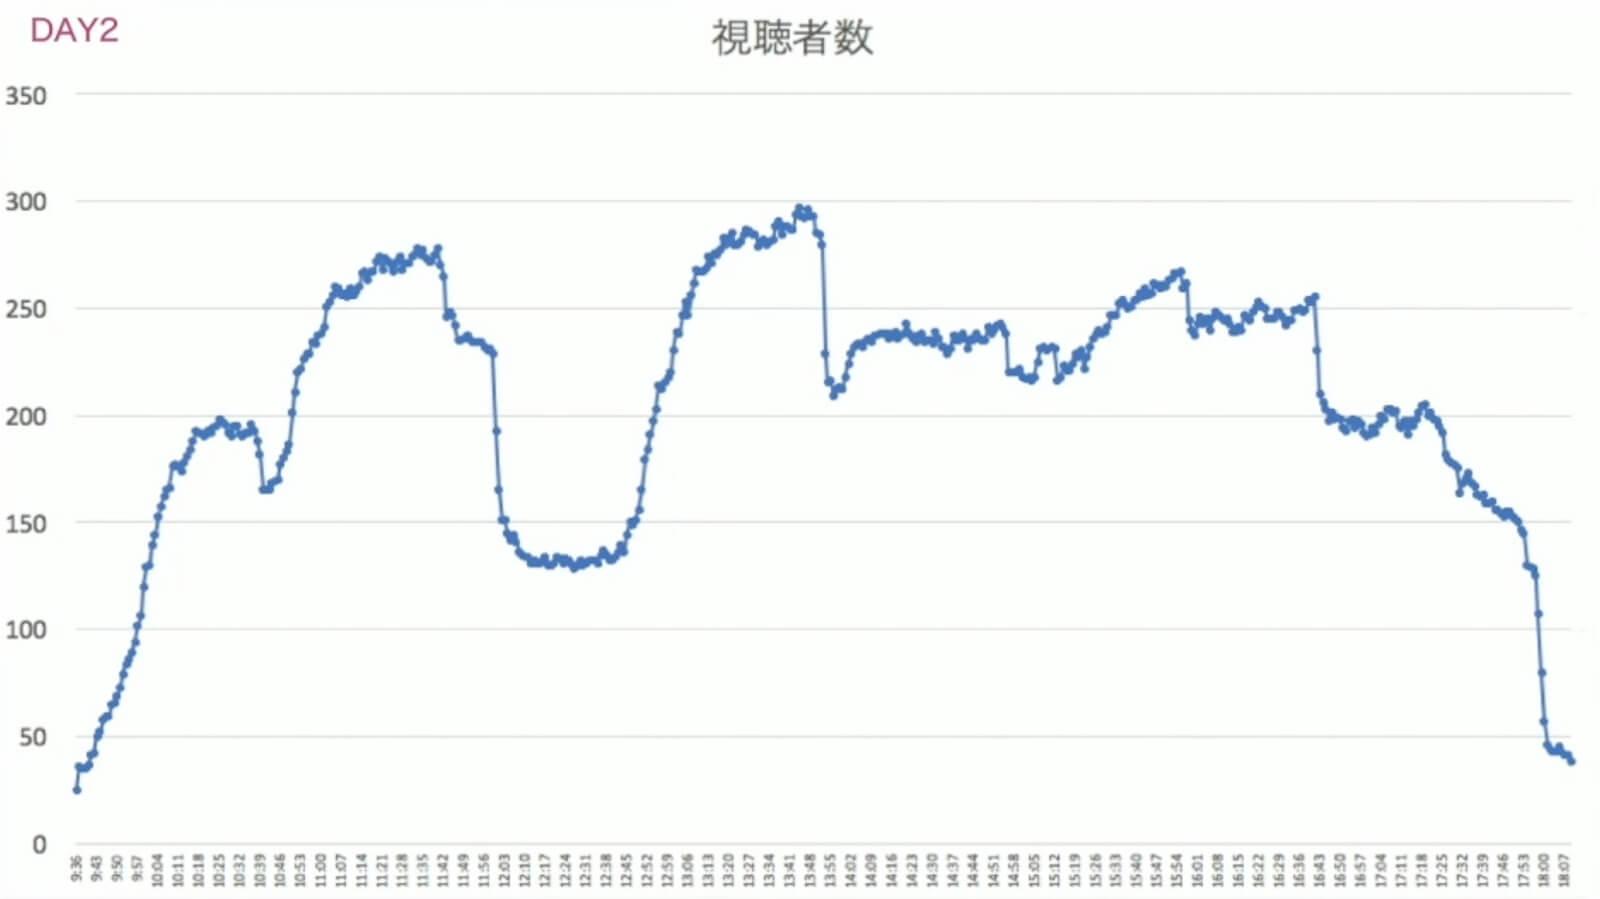 時間毎の同時視聴者数グラフ(折れ線グラフ)。12時付近(ランチタイム)に大きな離脱が見て取れる。